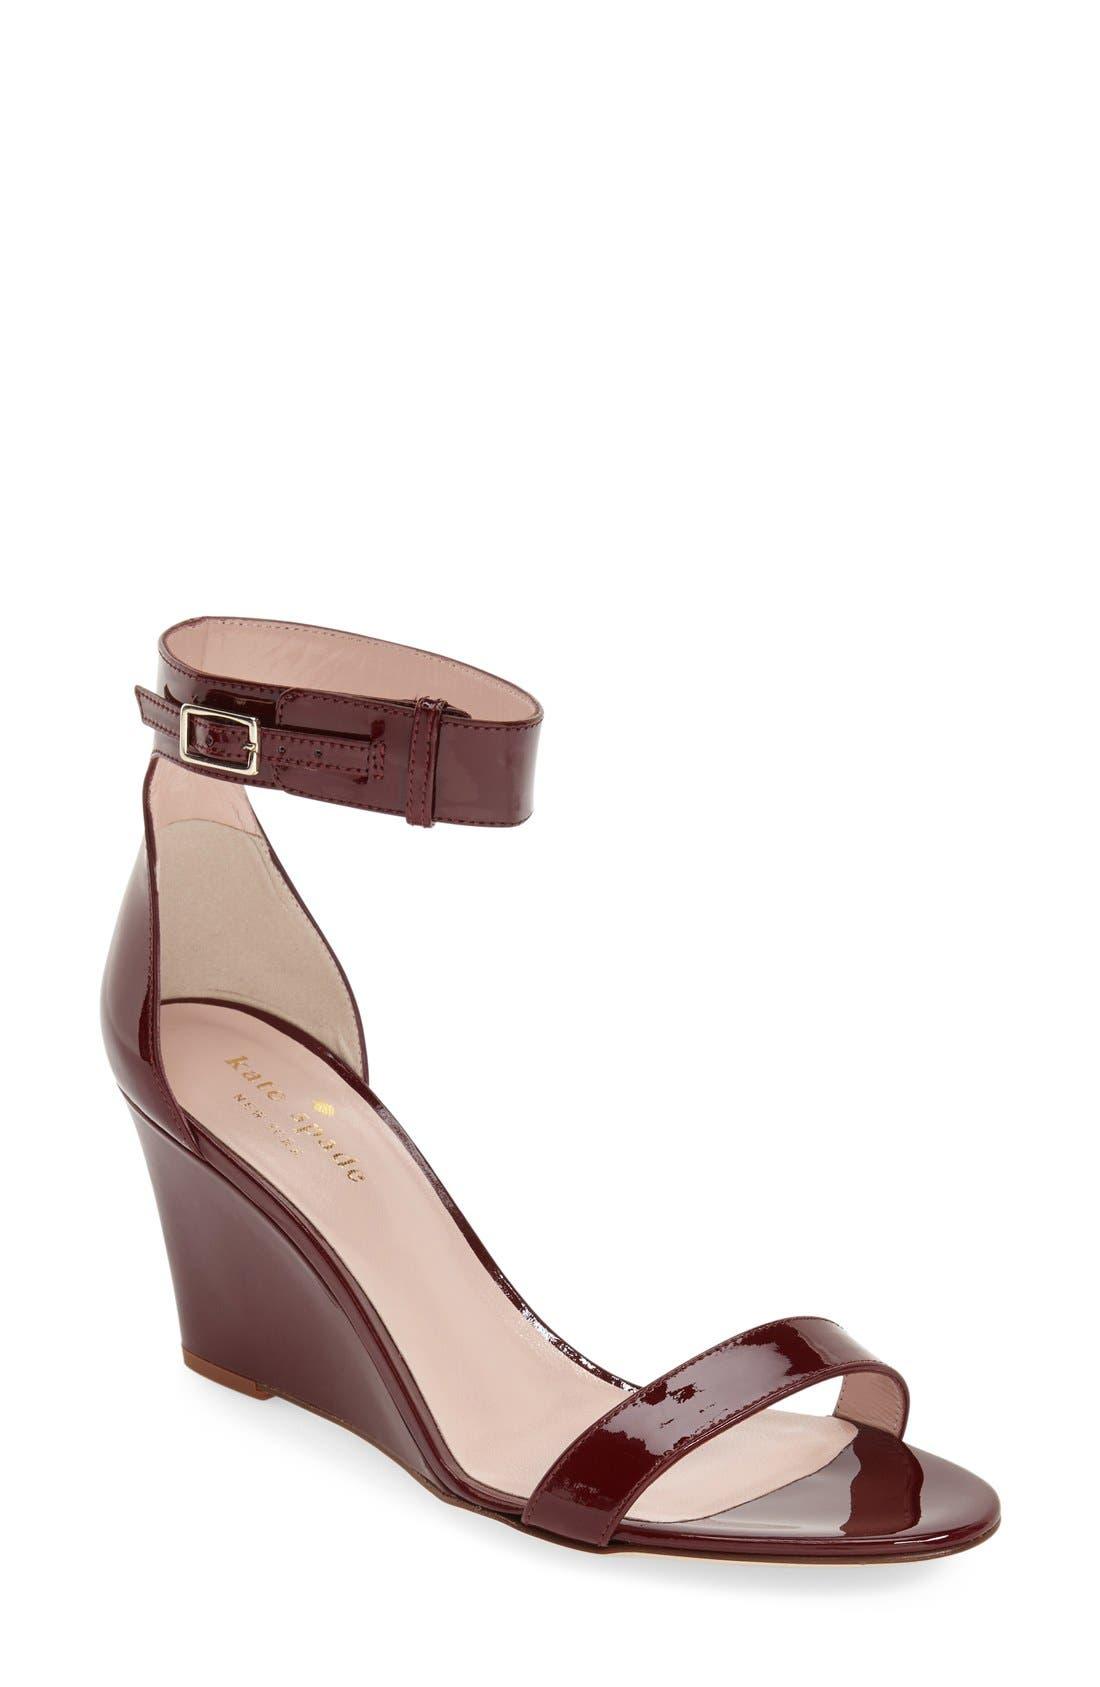 Main Image - kate spade new york 'ronia' wedge sandal (Women)